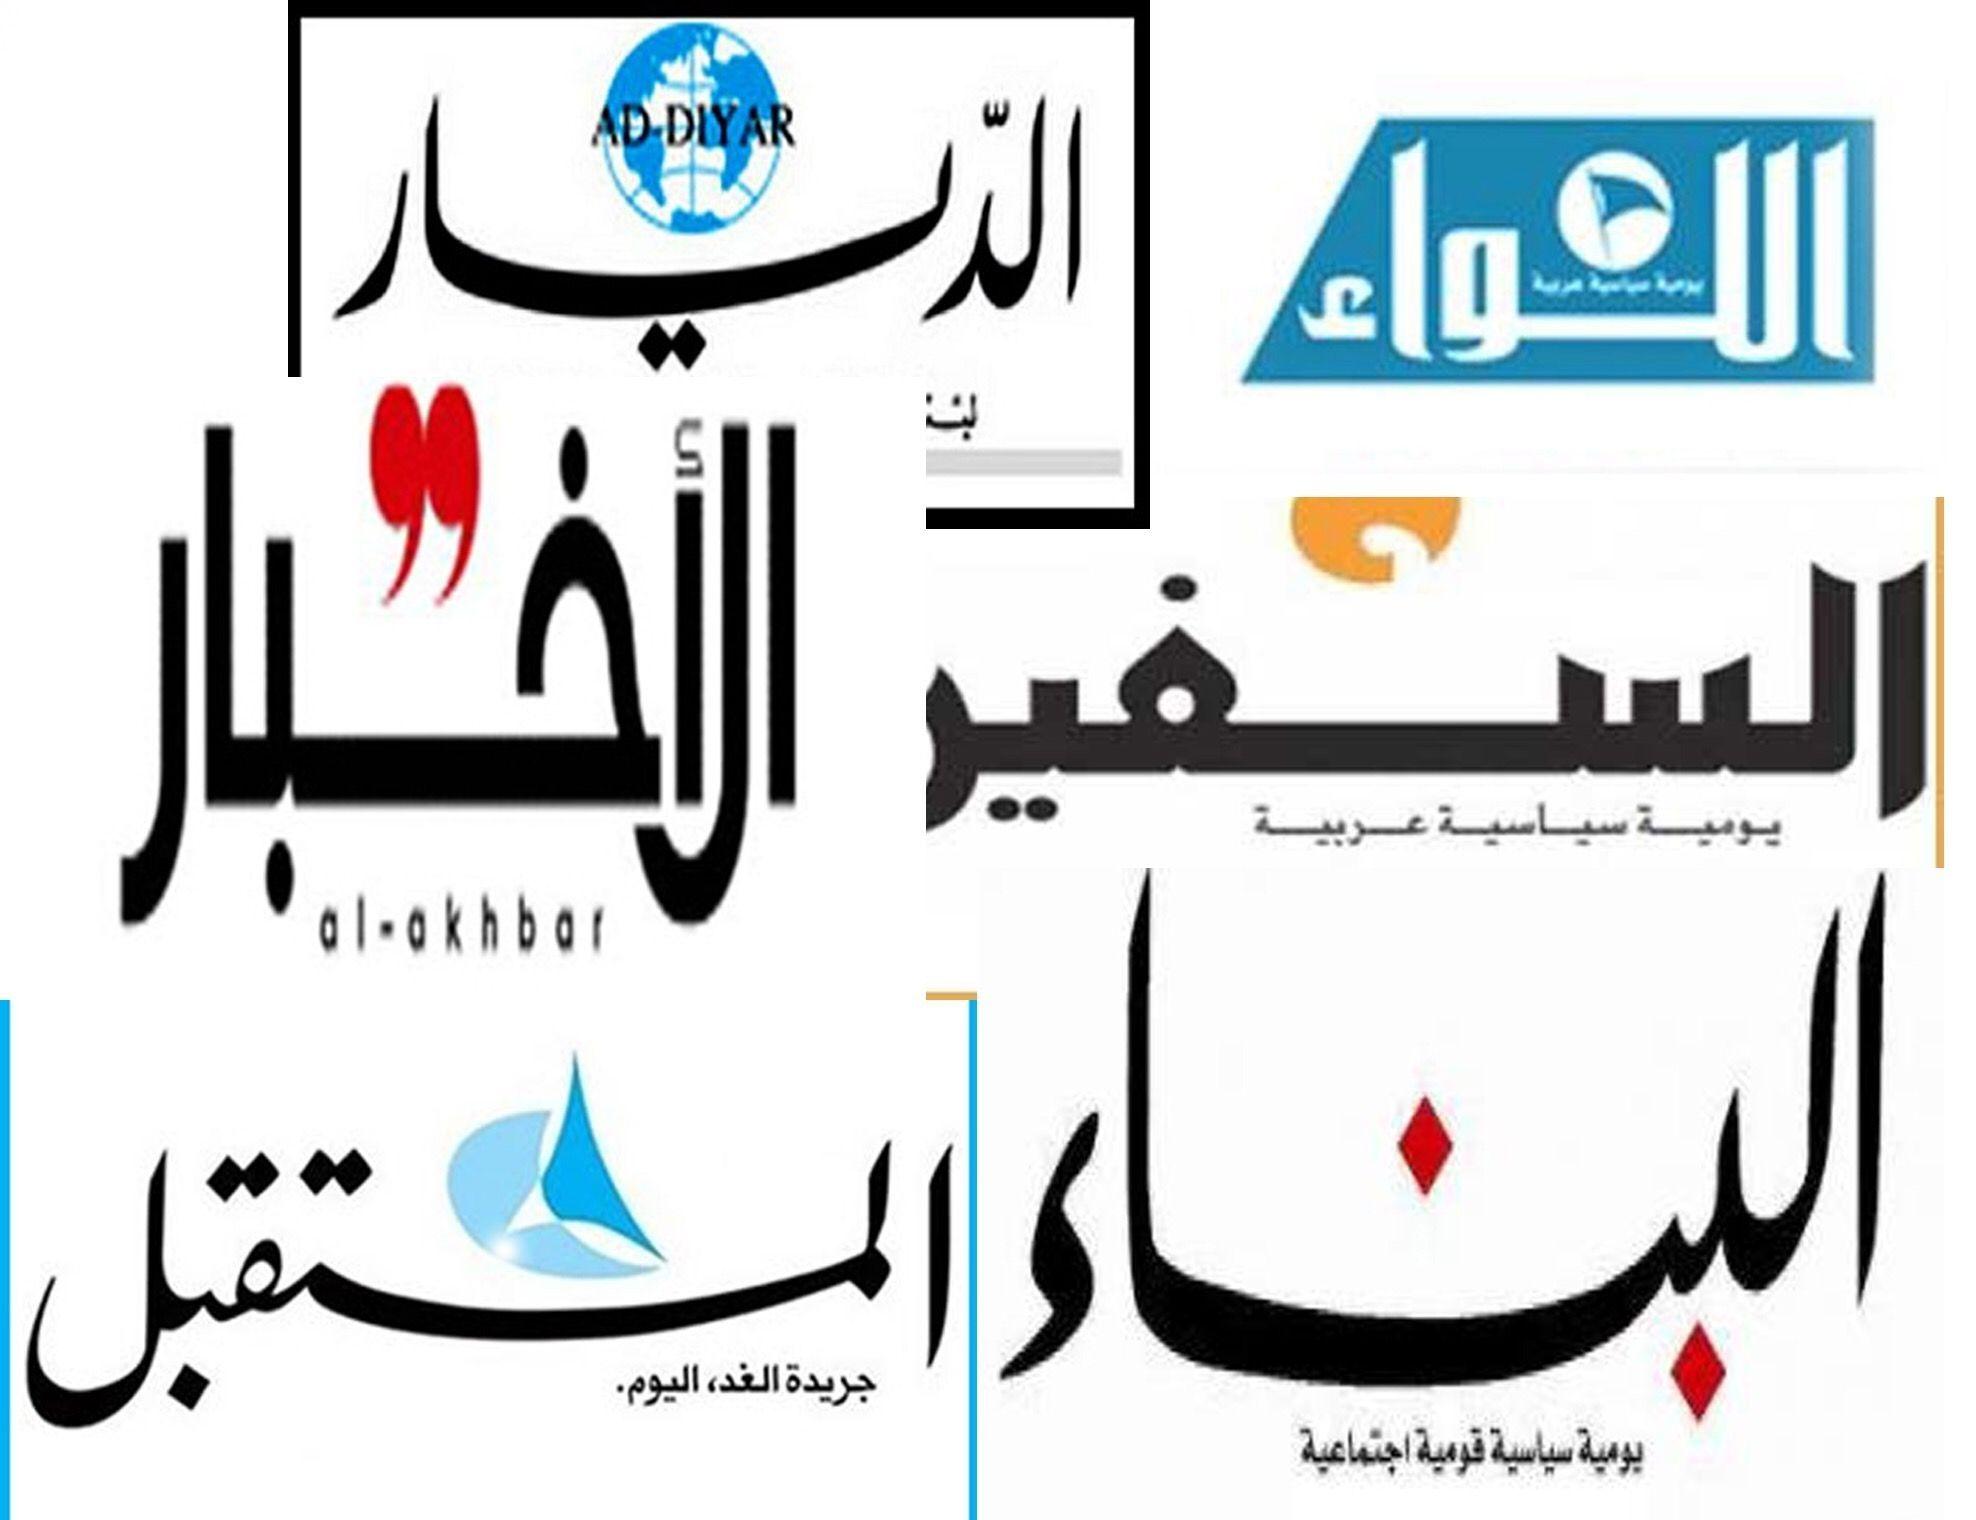 الصحافة اليوم لا اتفاق حول قانون الانتخاب ارجاء الجلسة الى 29 ايار Arabic Calligraphy Company Logo Tech Company Logos